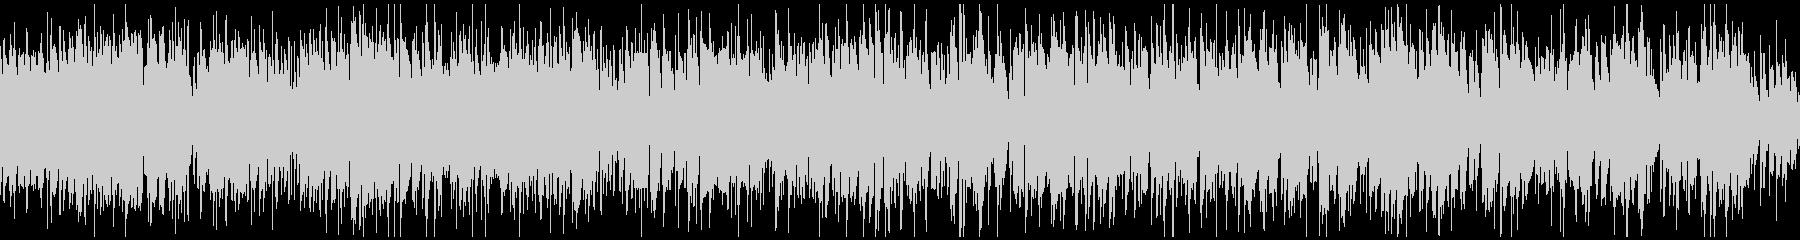 ノリノリなジャズサンバ、南国 ※ループ版の未再生の波形